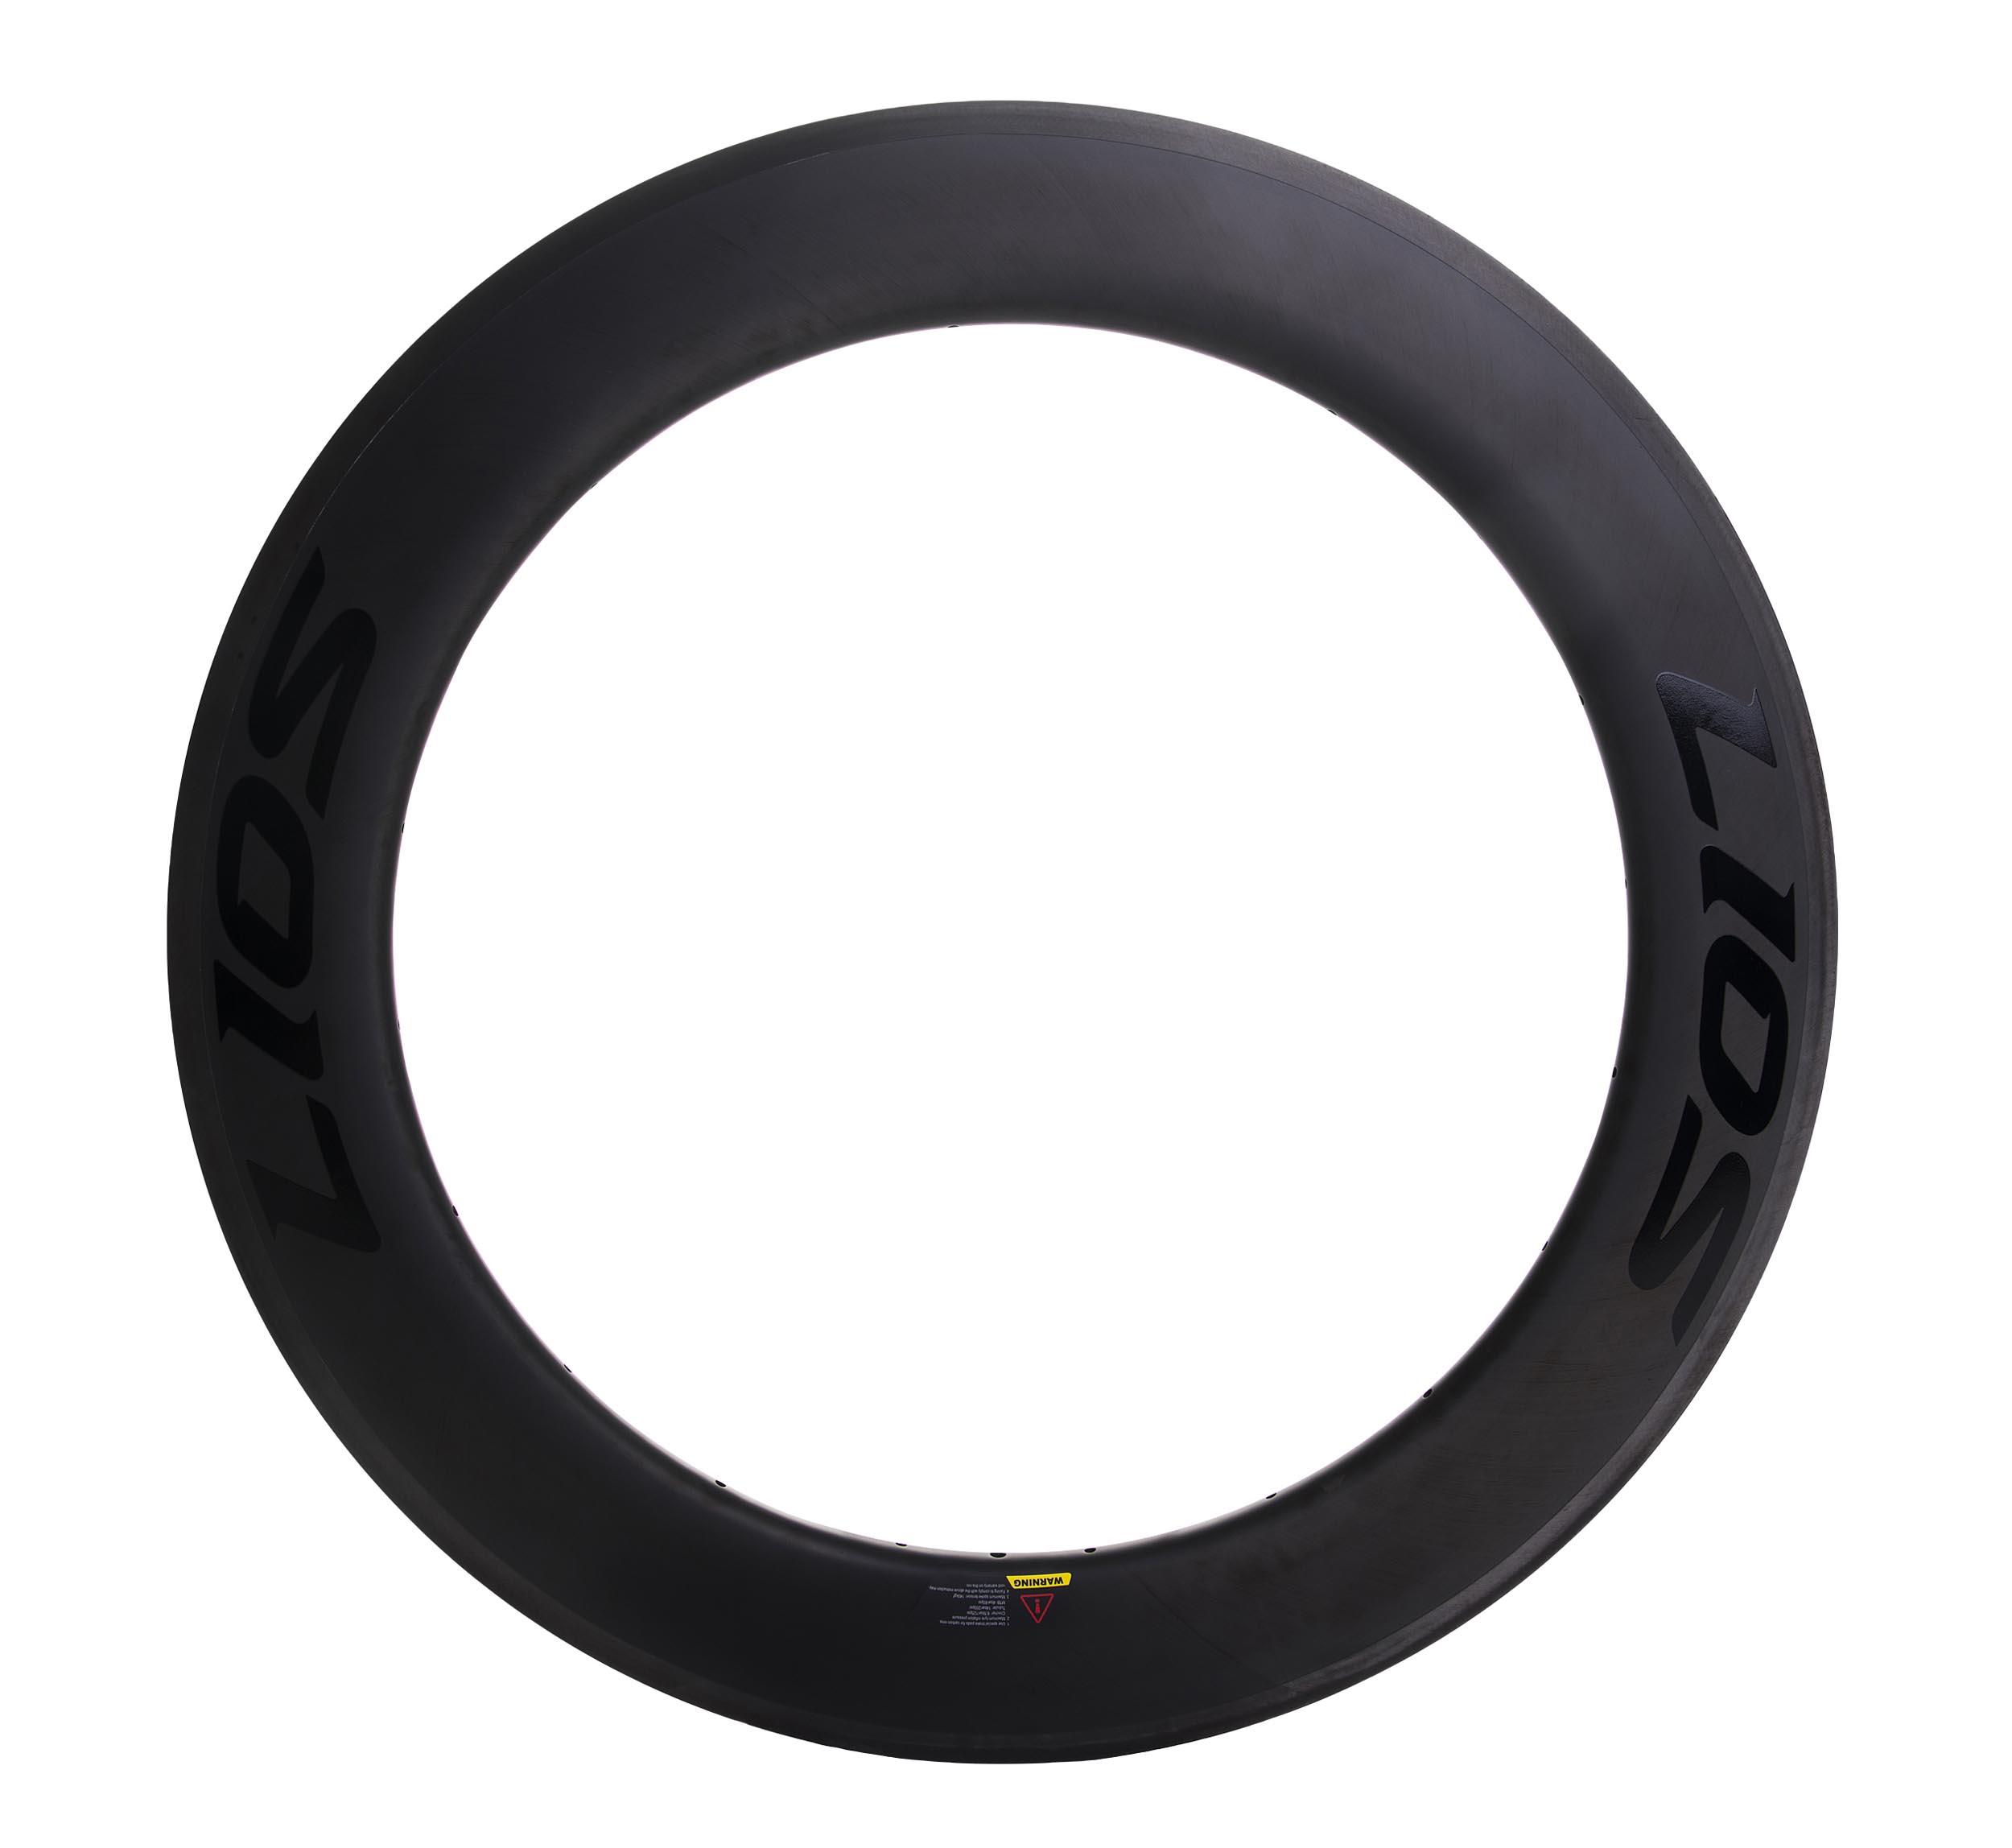 lios-c80-carbon-rim-black-image-1.jpg